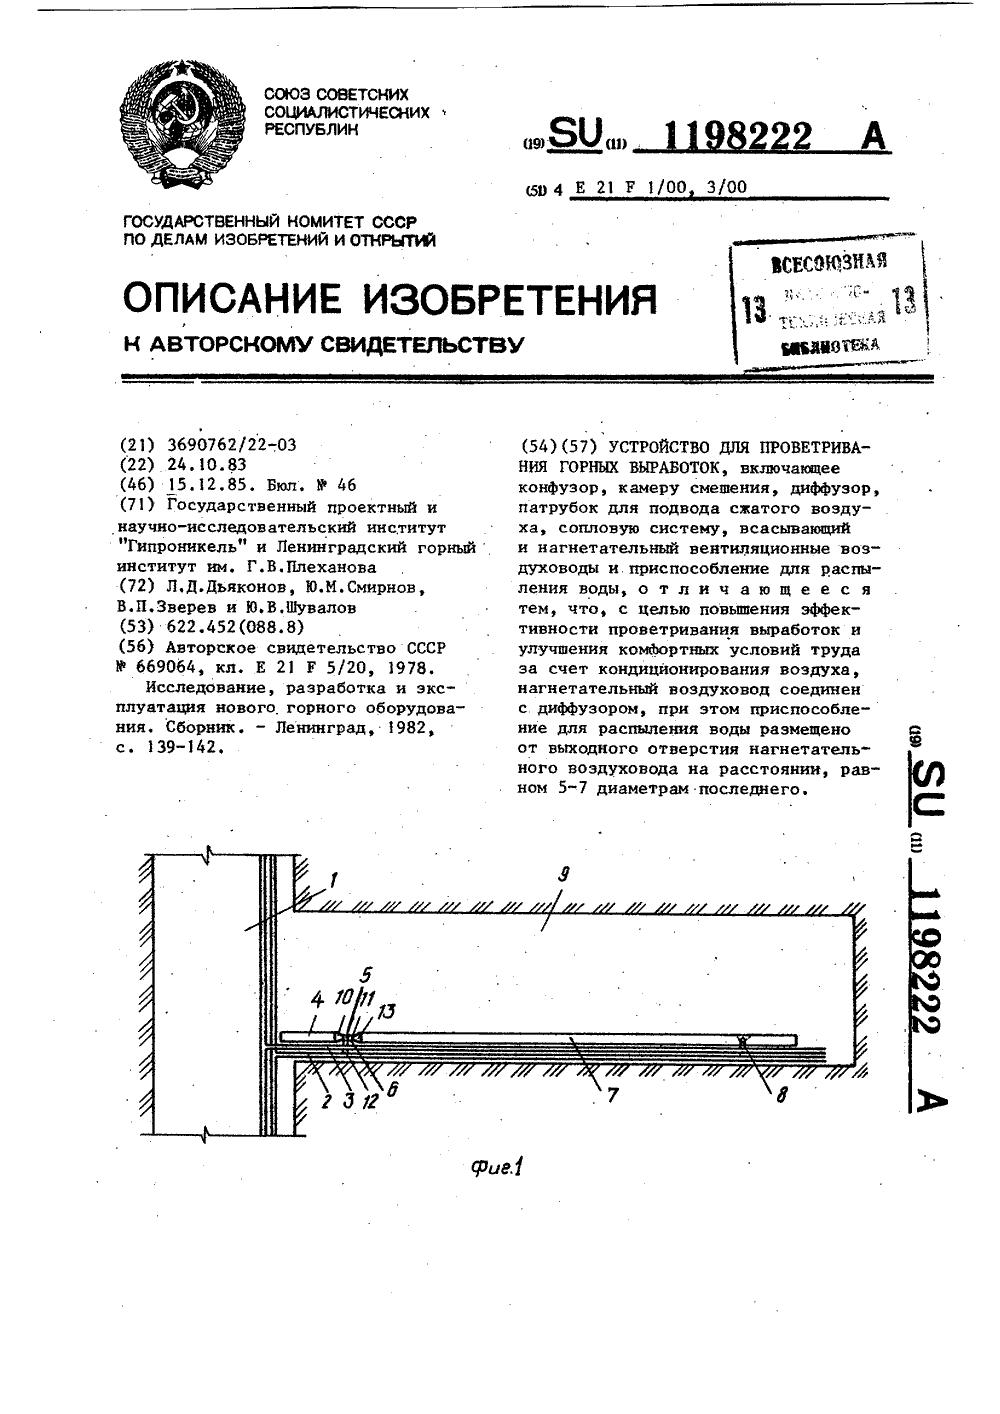 реле блокировочное e256-230 схема монтажная